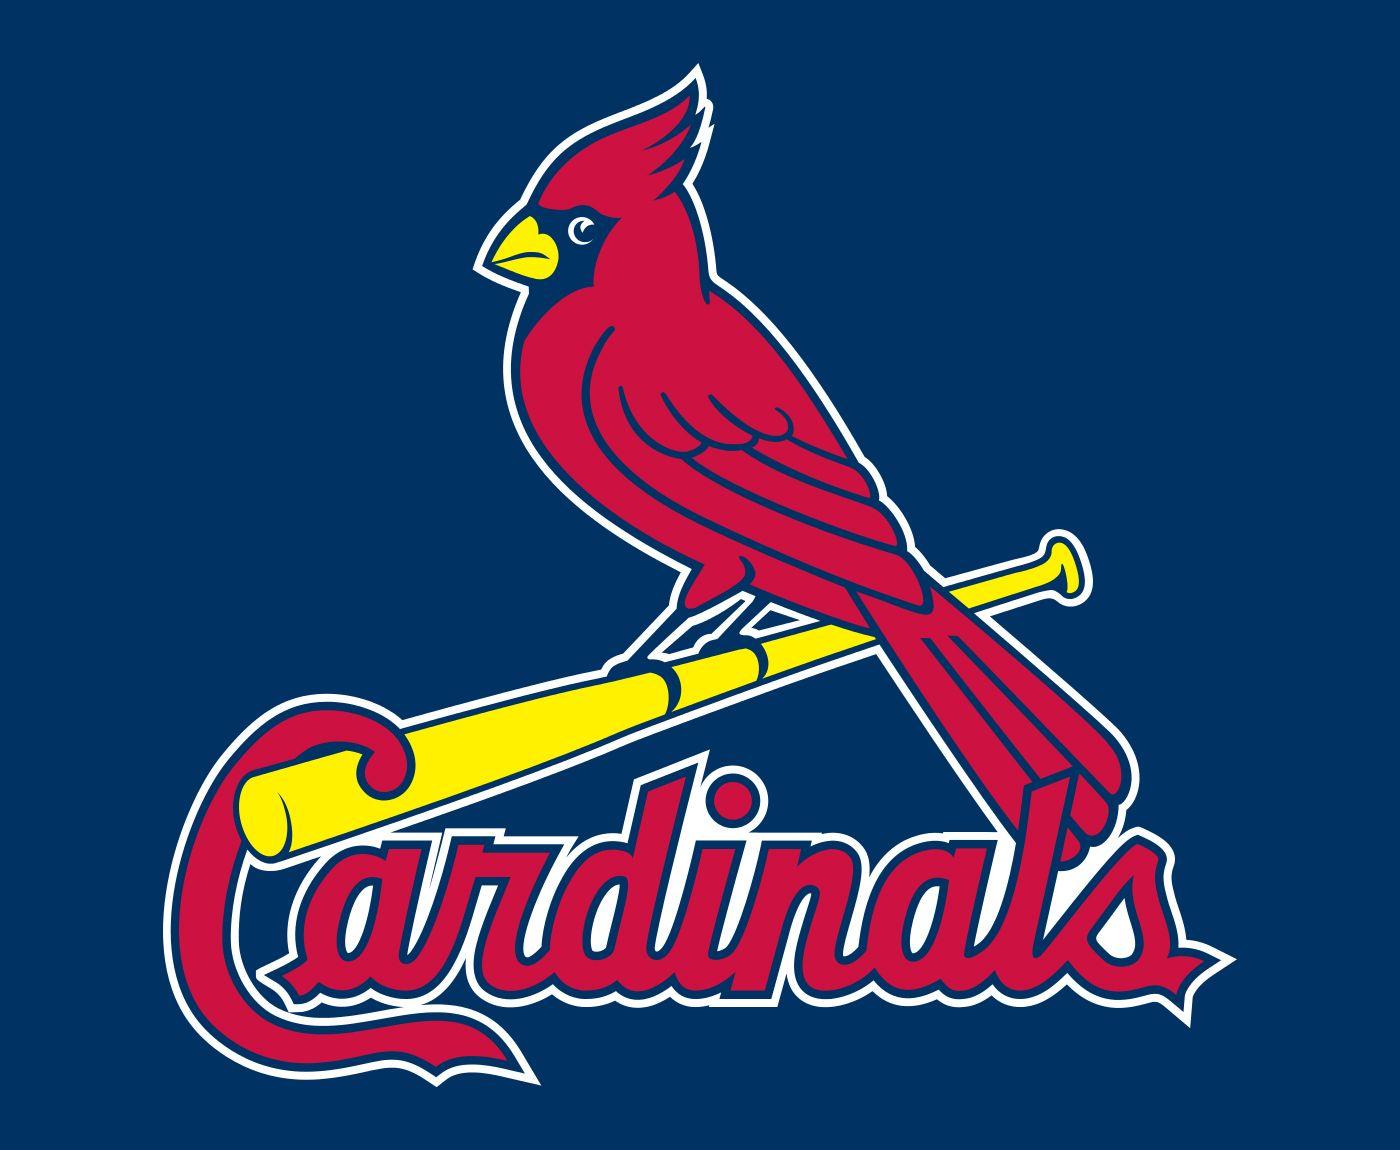 St Louis Cardinals Logo Color Mlb Logos Mlb Team Logos St Louis Cardinals